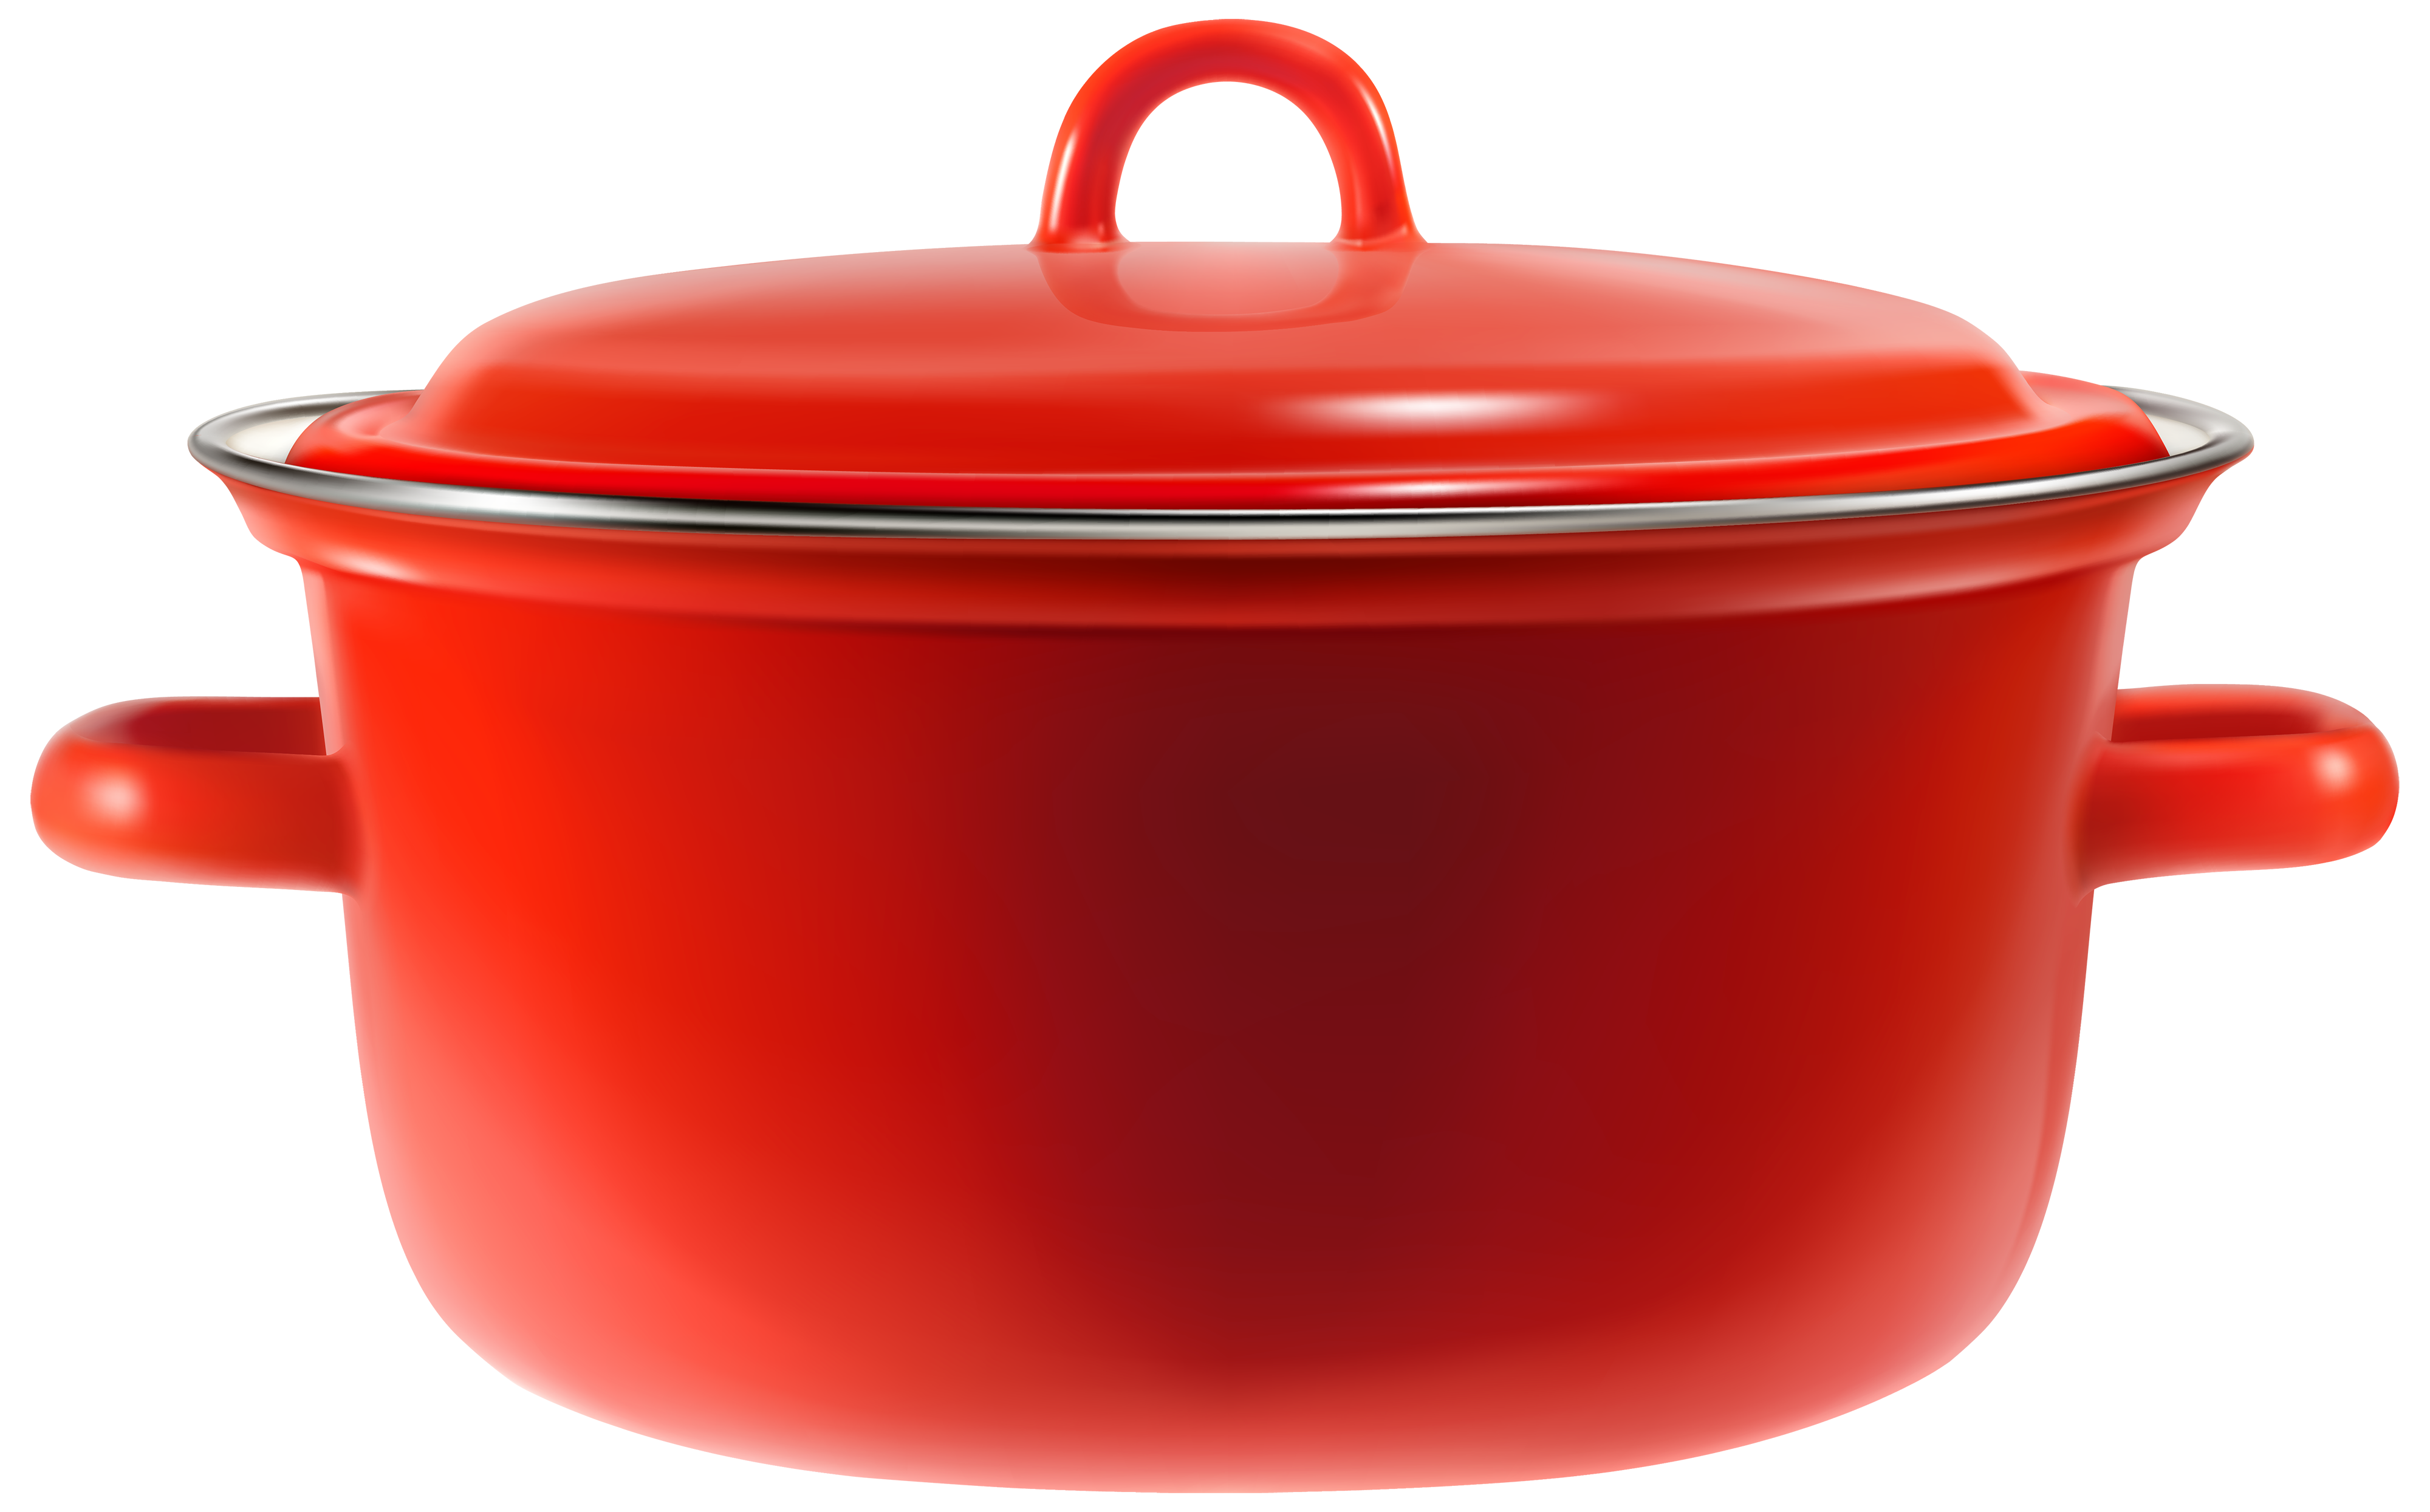 Pot PNG HD - 127010